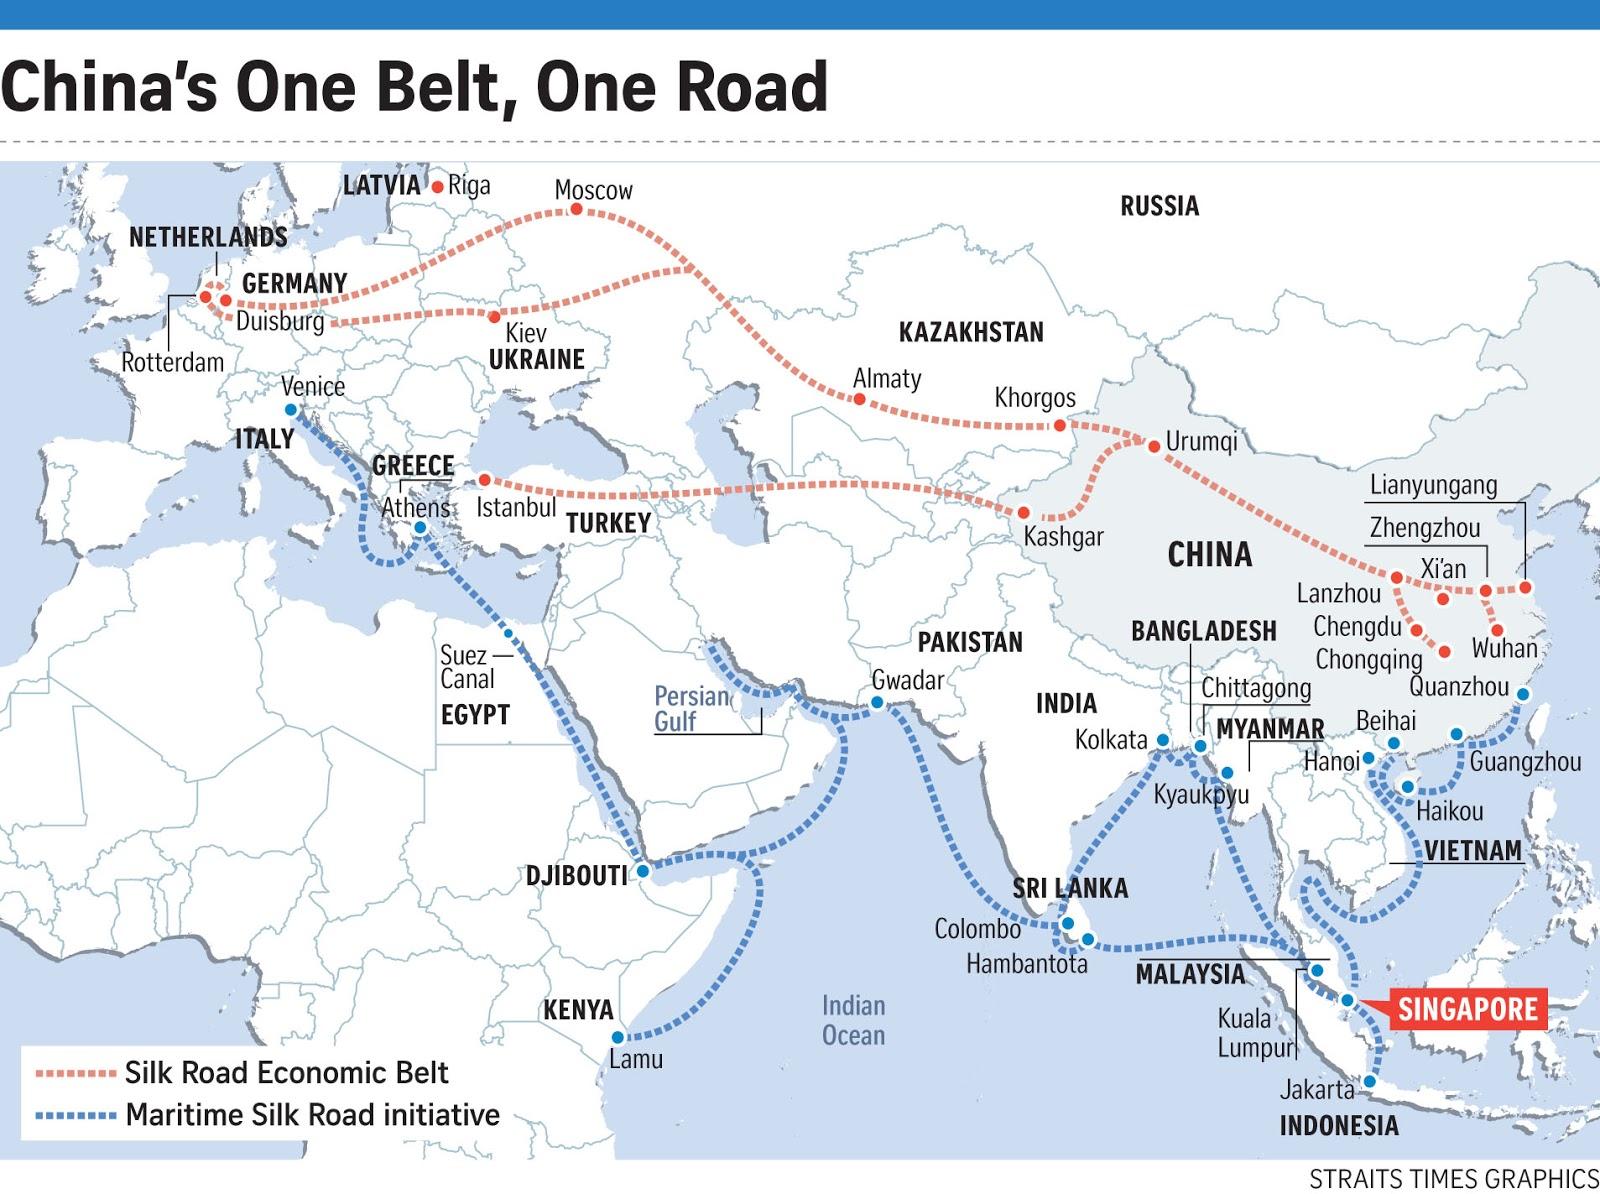 Bildergebnis für on belt one road